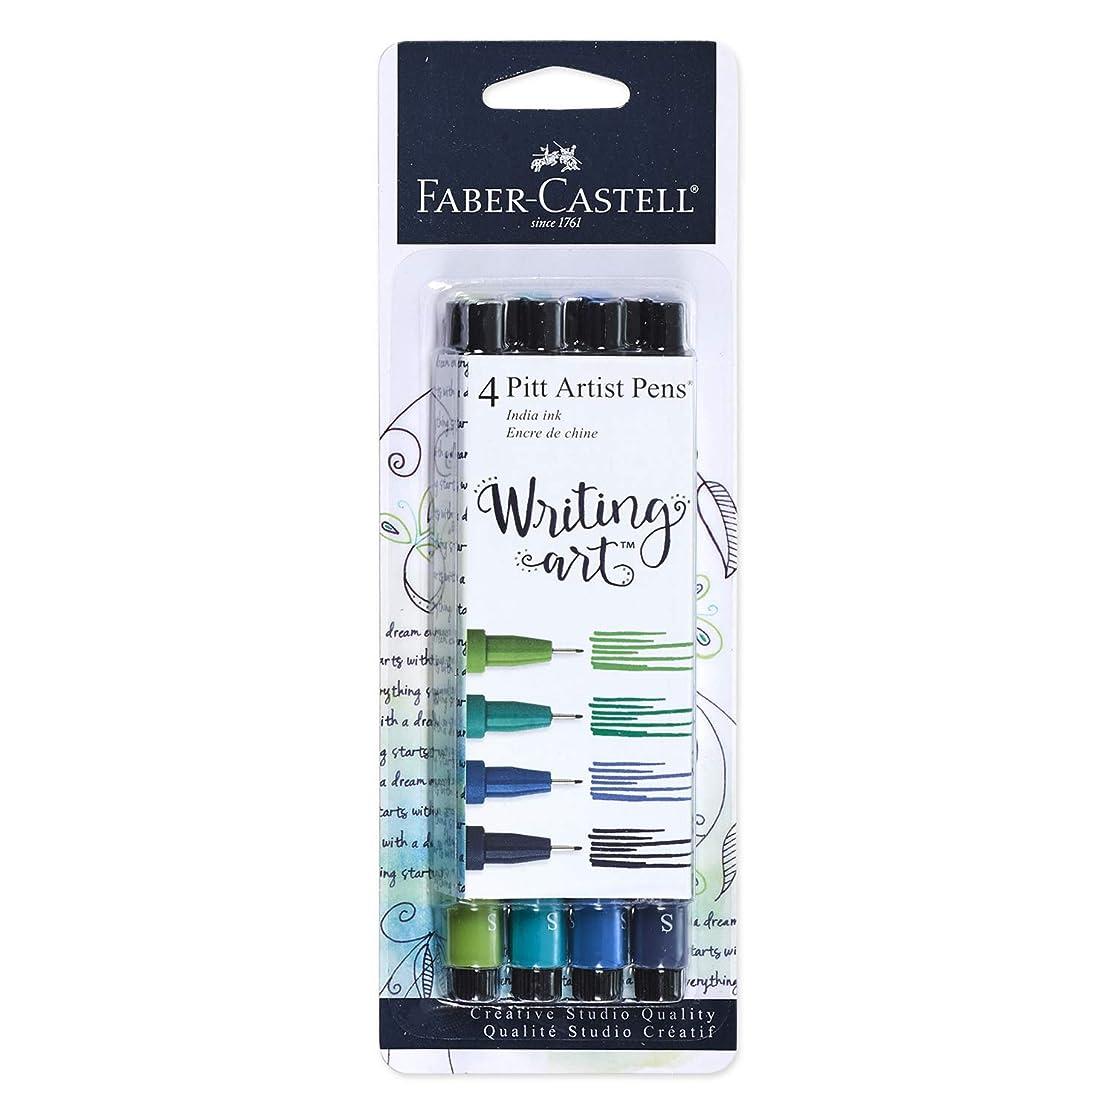 Faber-Castell PITT Artist Pen Set (Blue/Green Pens) hnsnvixz0